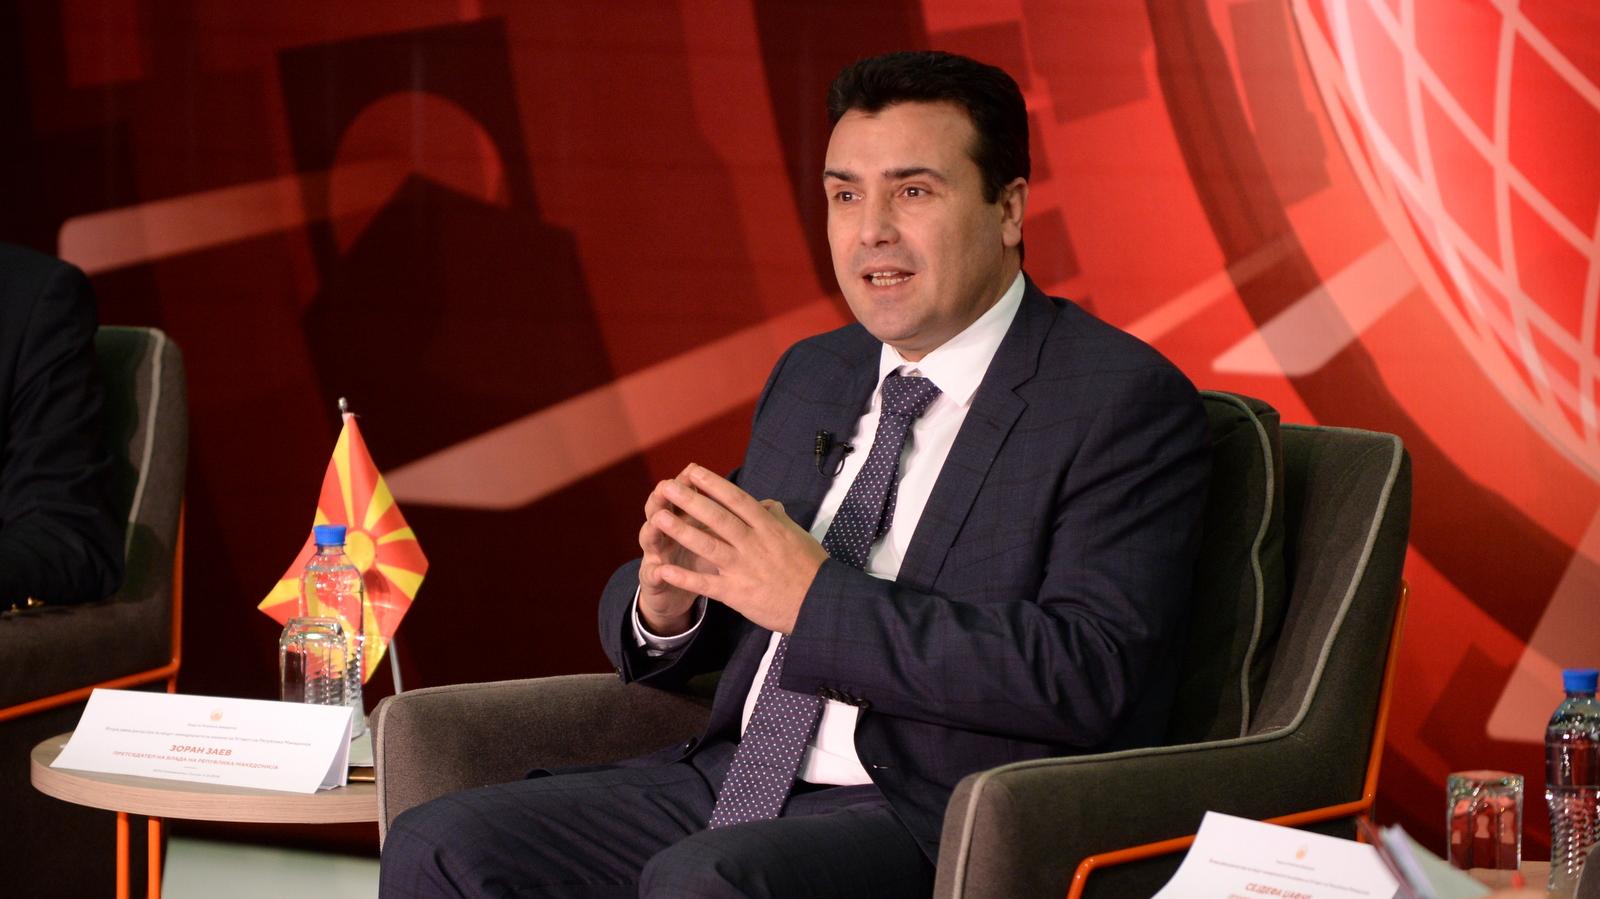 """ΠΓΔΜ: Αναφορές Zaev για την ονομασία """"Βόρεια Μακεδονία"""" και το δικαίωμα του αυτοπροσδιορισμού"""